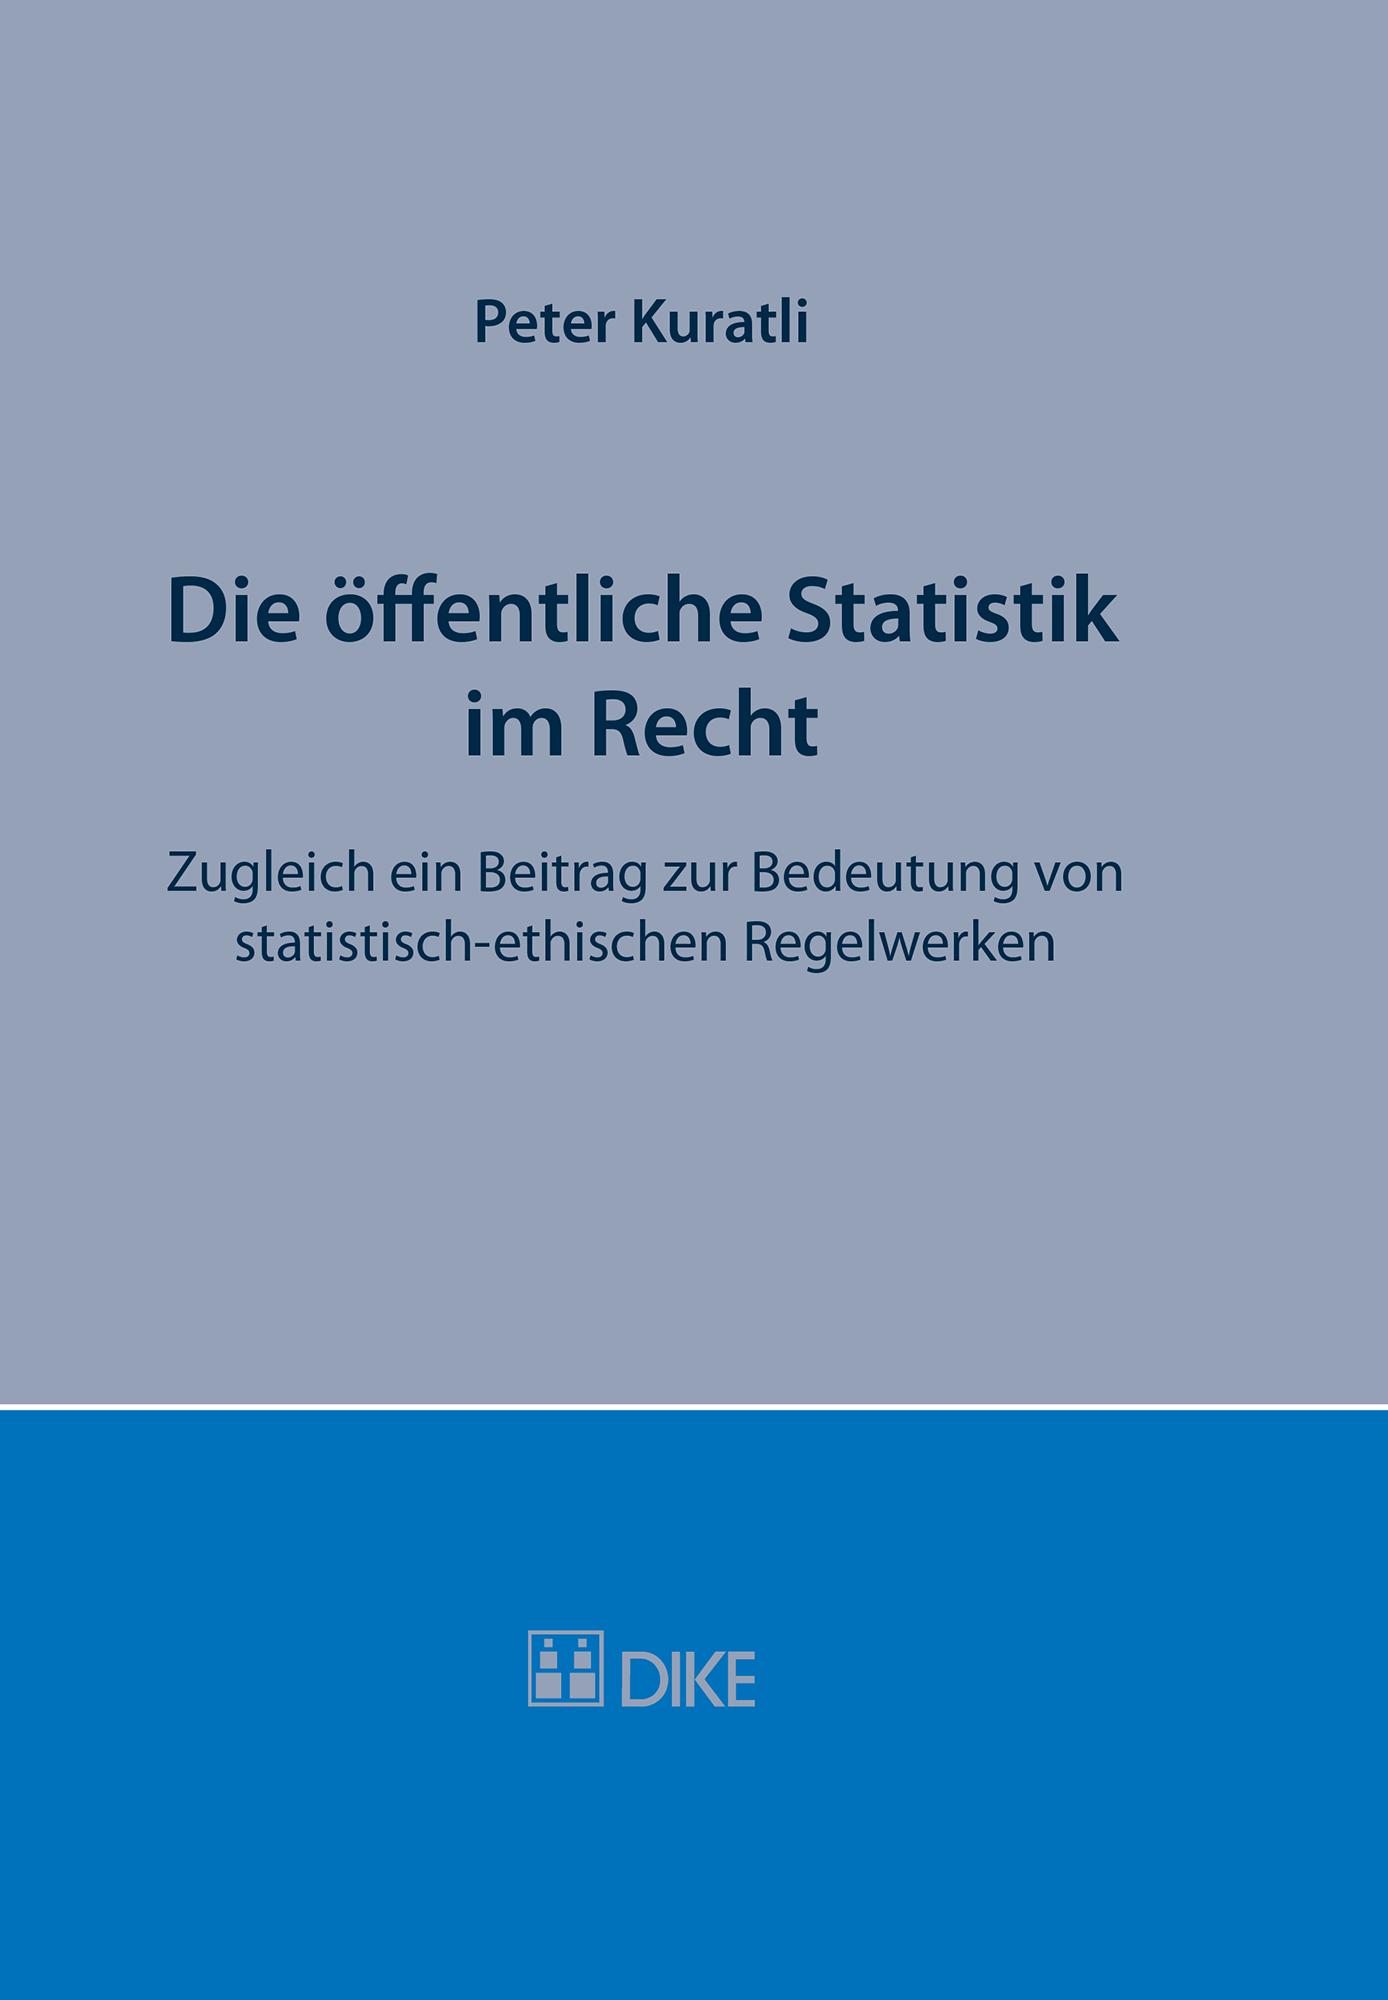 Die öffentliche Statistik im Recht